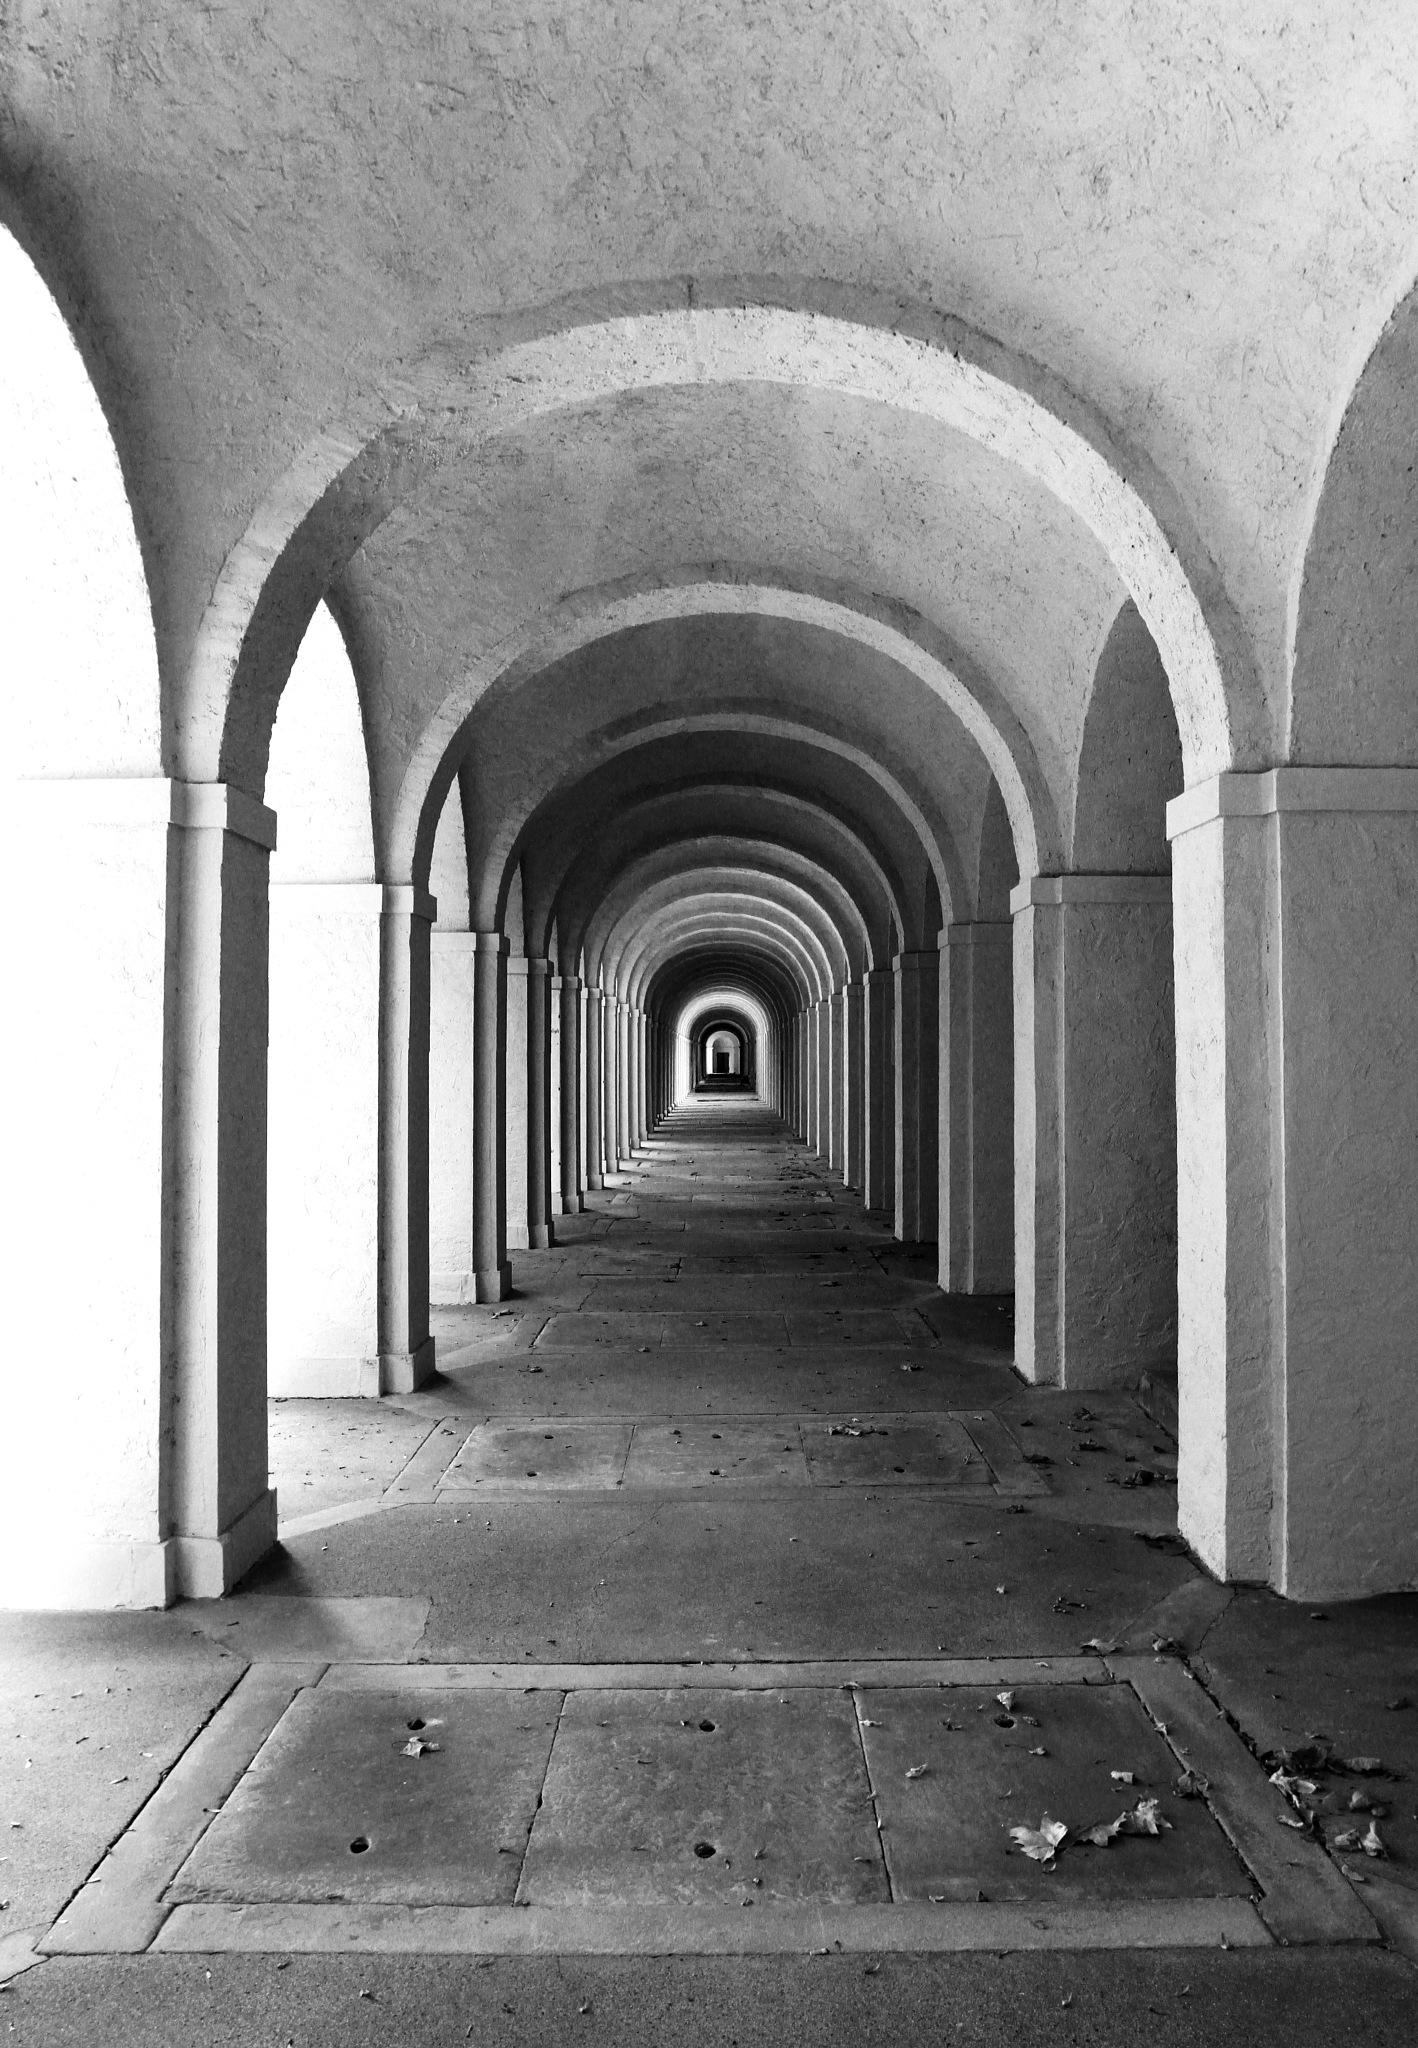 friedhof-bornheim by simone verfürth